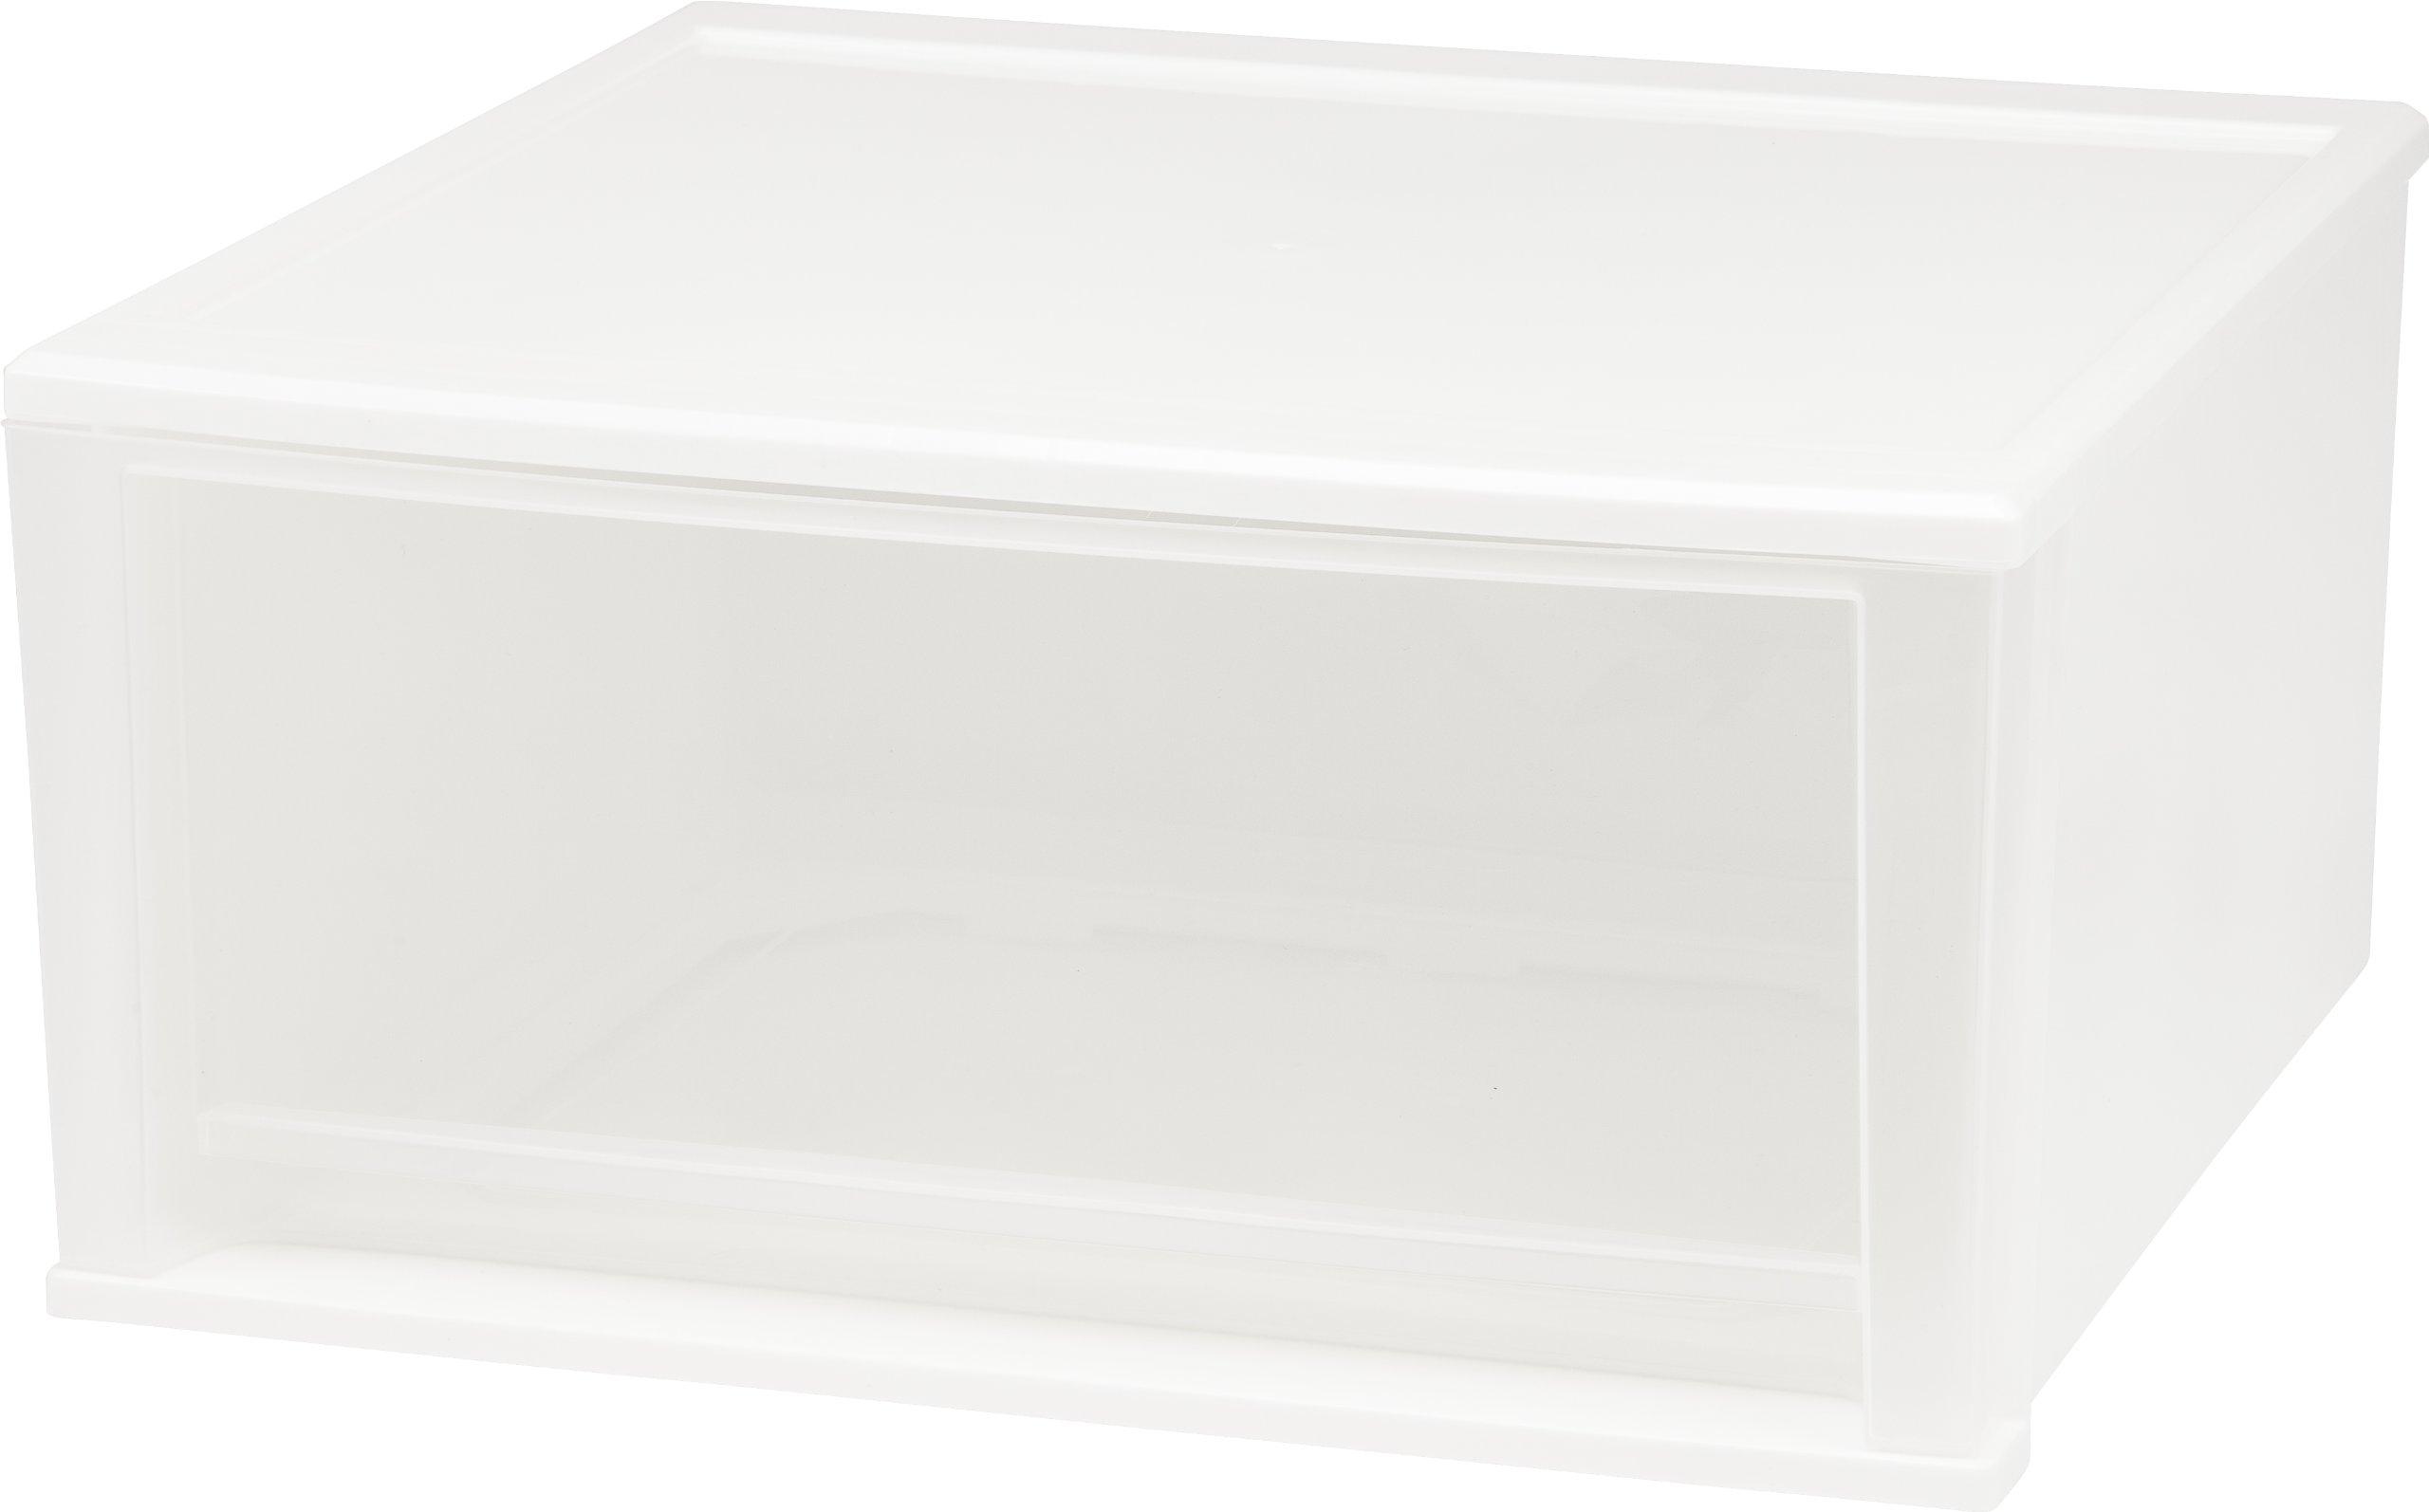 IRIS 51 Quart Stacking Drawer, 2 Pack, White